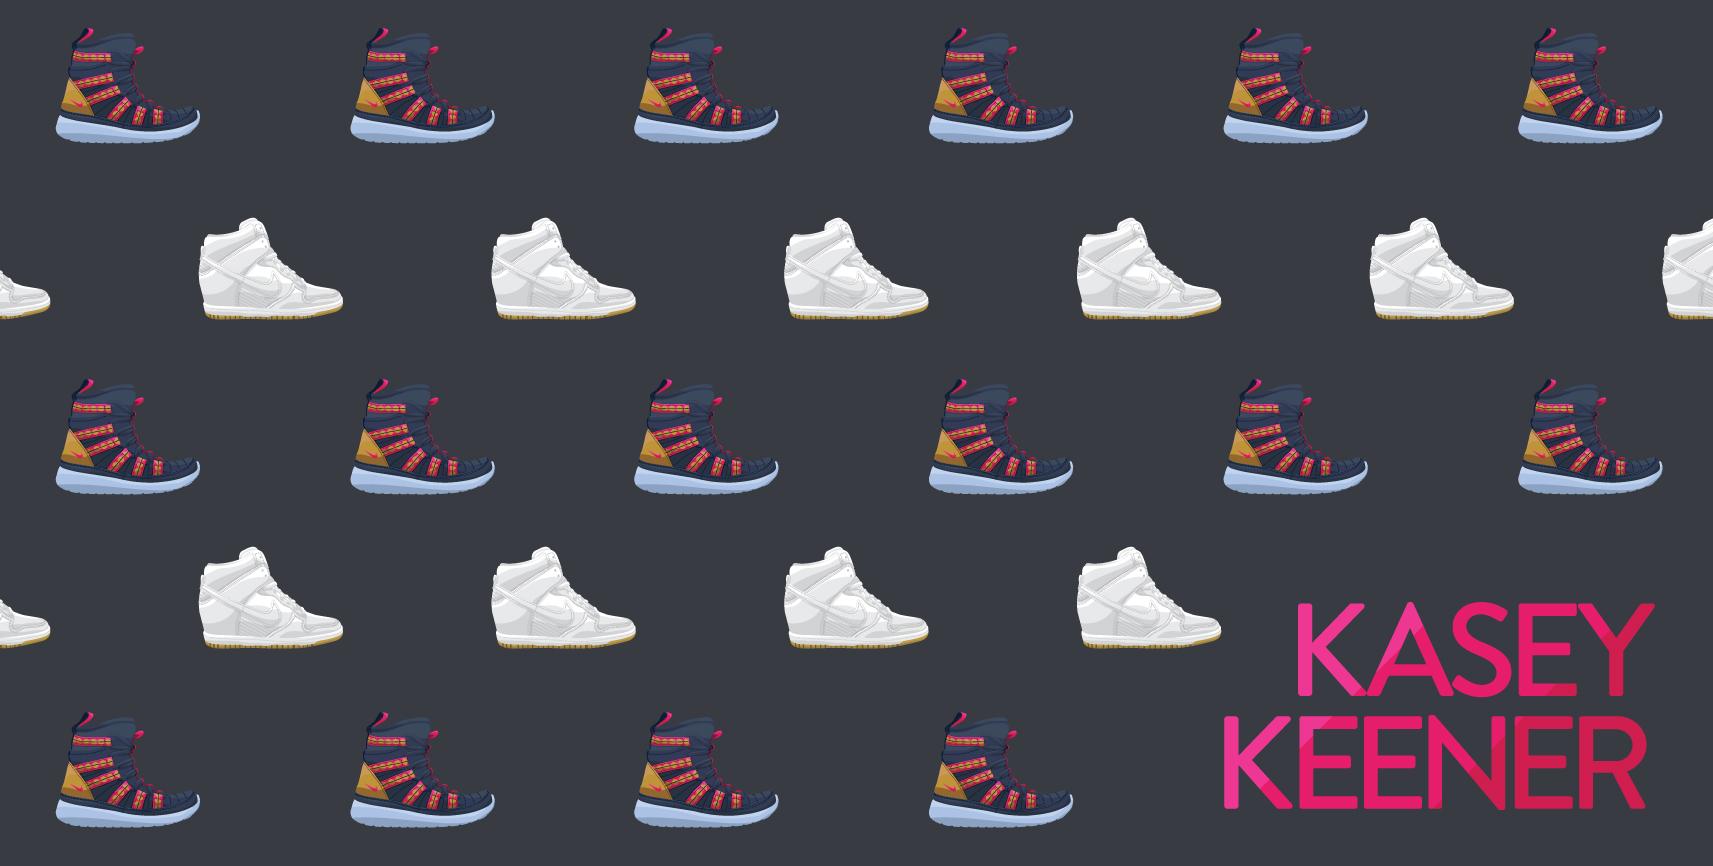 Kasey-Spread.jpg